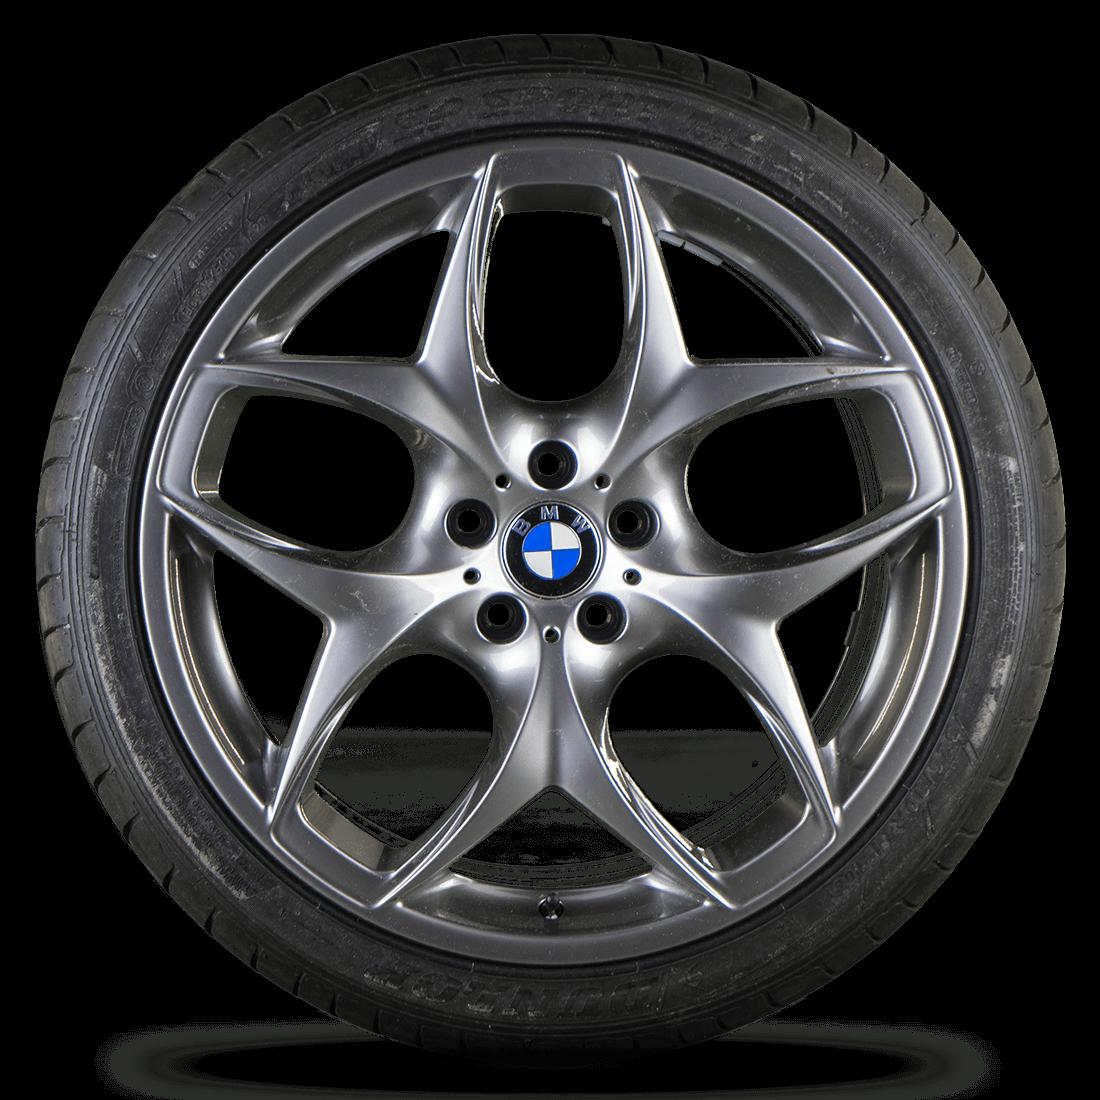 Bmw X6 Wheels: BMW X6 X6M E71 21 Inch Rim Alloy Wheels Summer Tires Summer